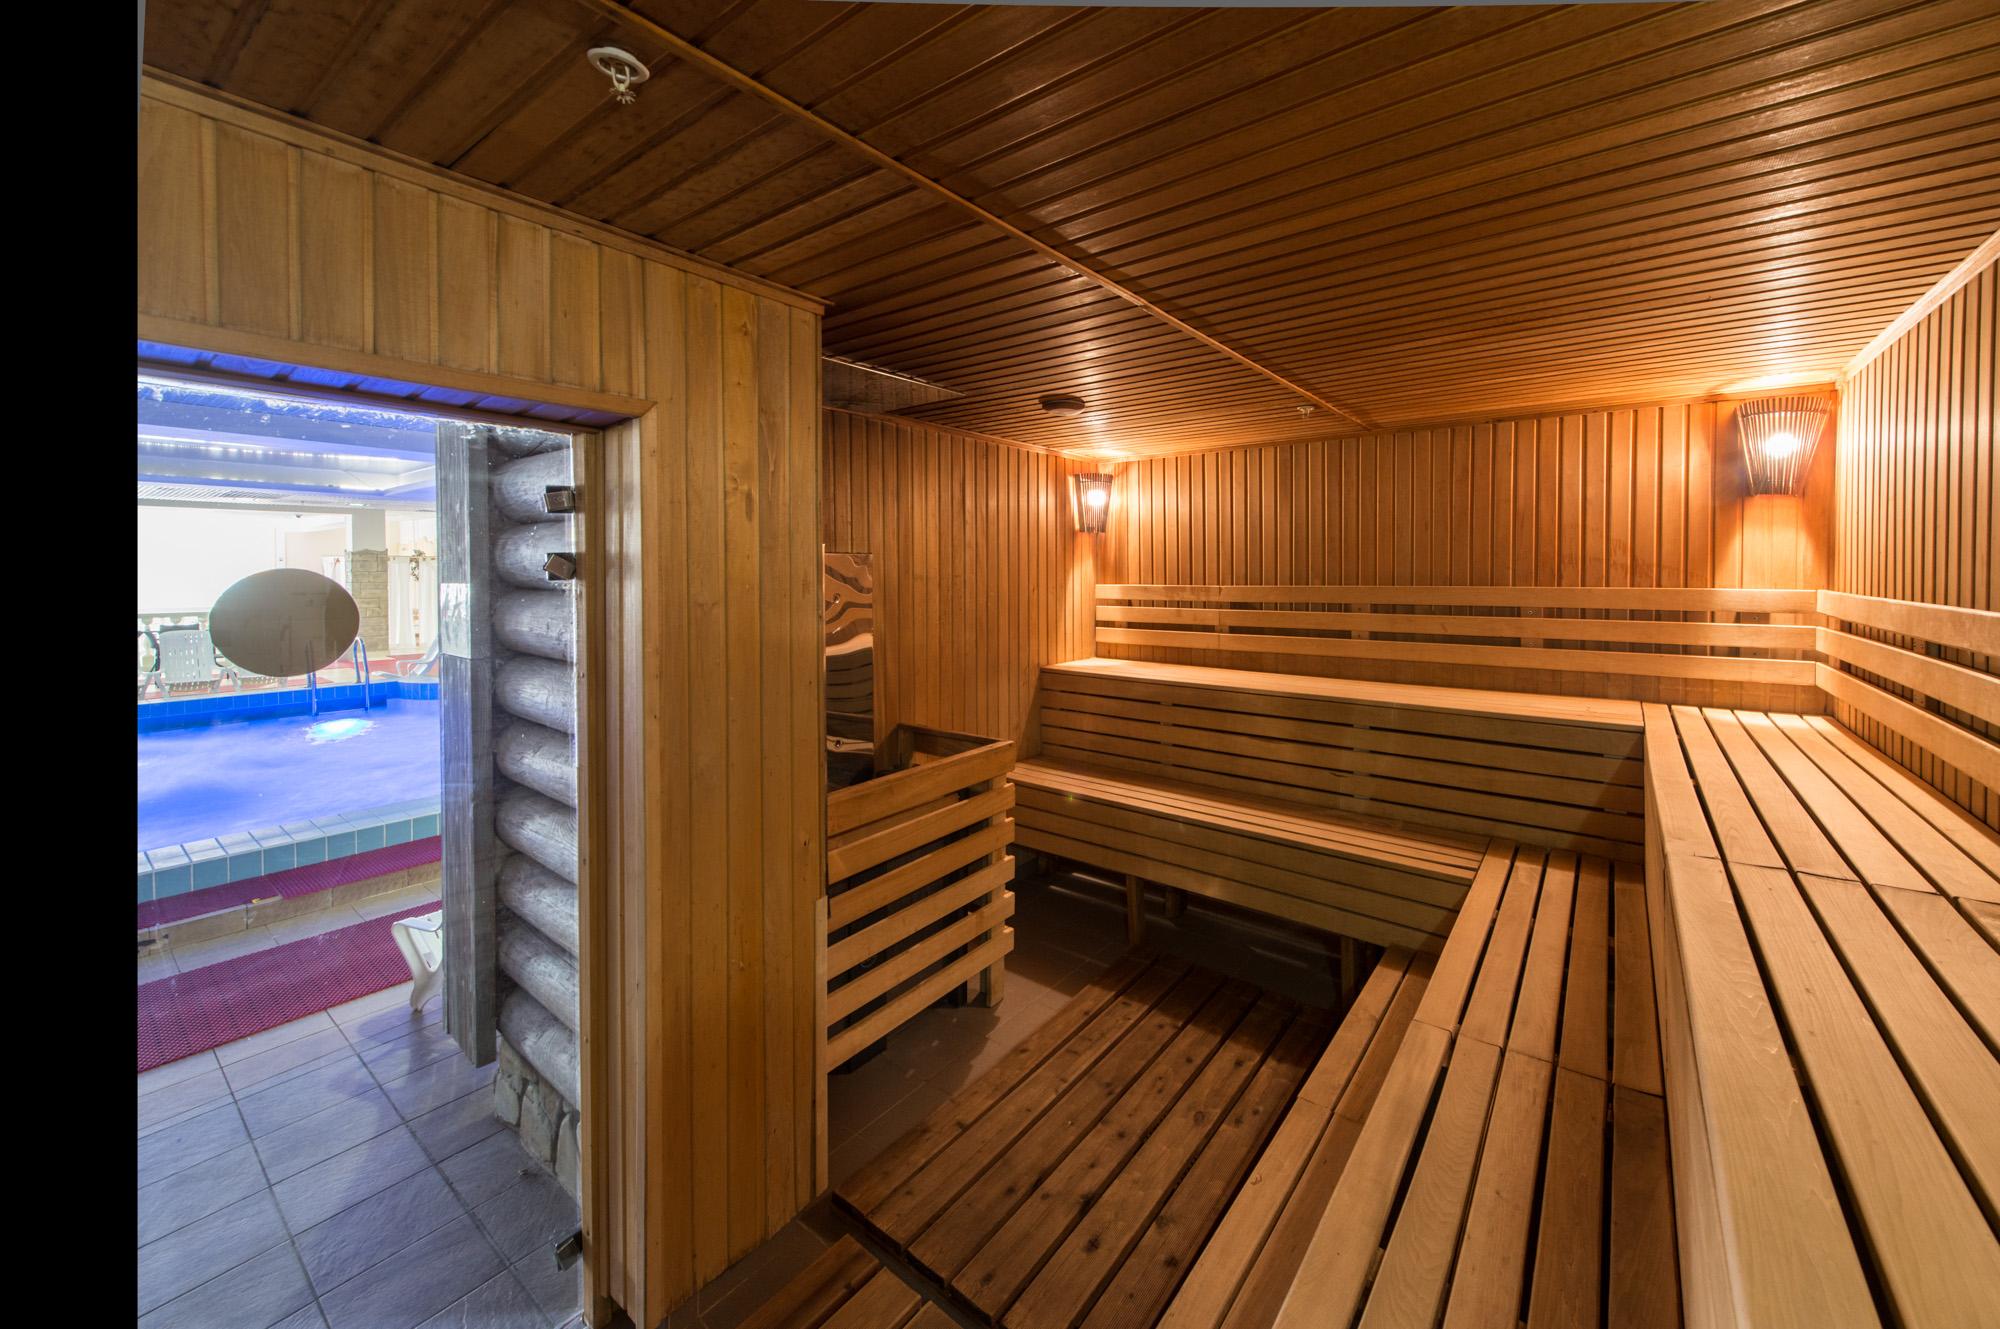 Простота и удобство выбора сауны или бани в Киеве для комфортного отдыха